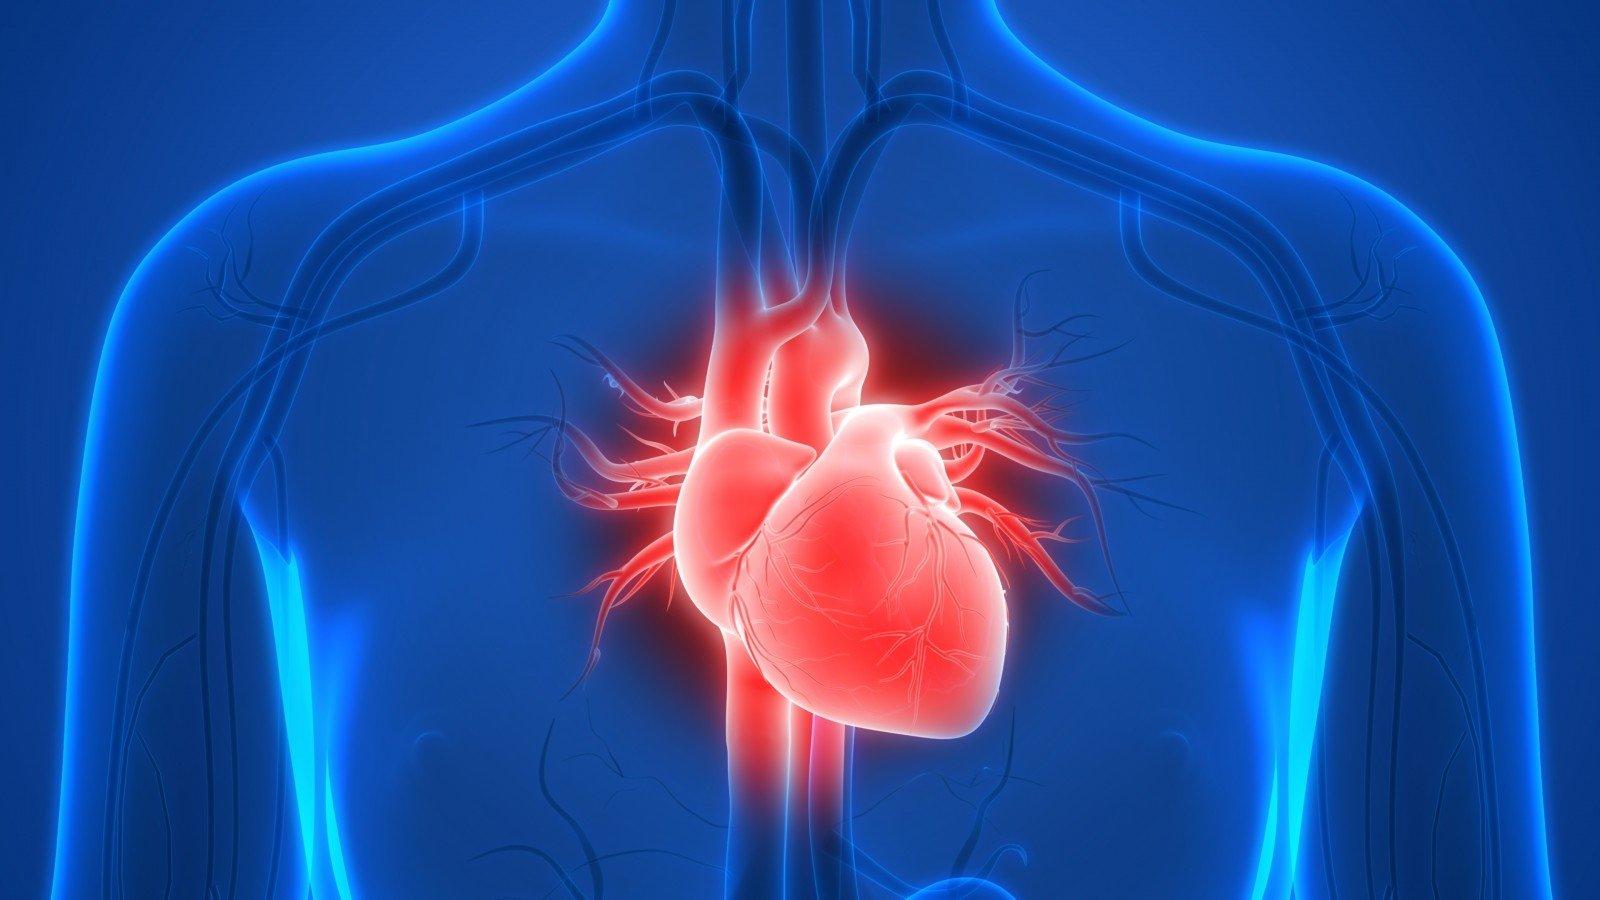 Tai kas svarbiausia: širdį stiprinantis maistas » SAVAITĖ – viskas, kas svarbu, įdomu ir naudinga.